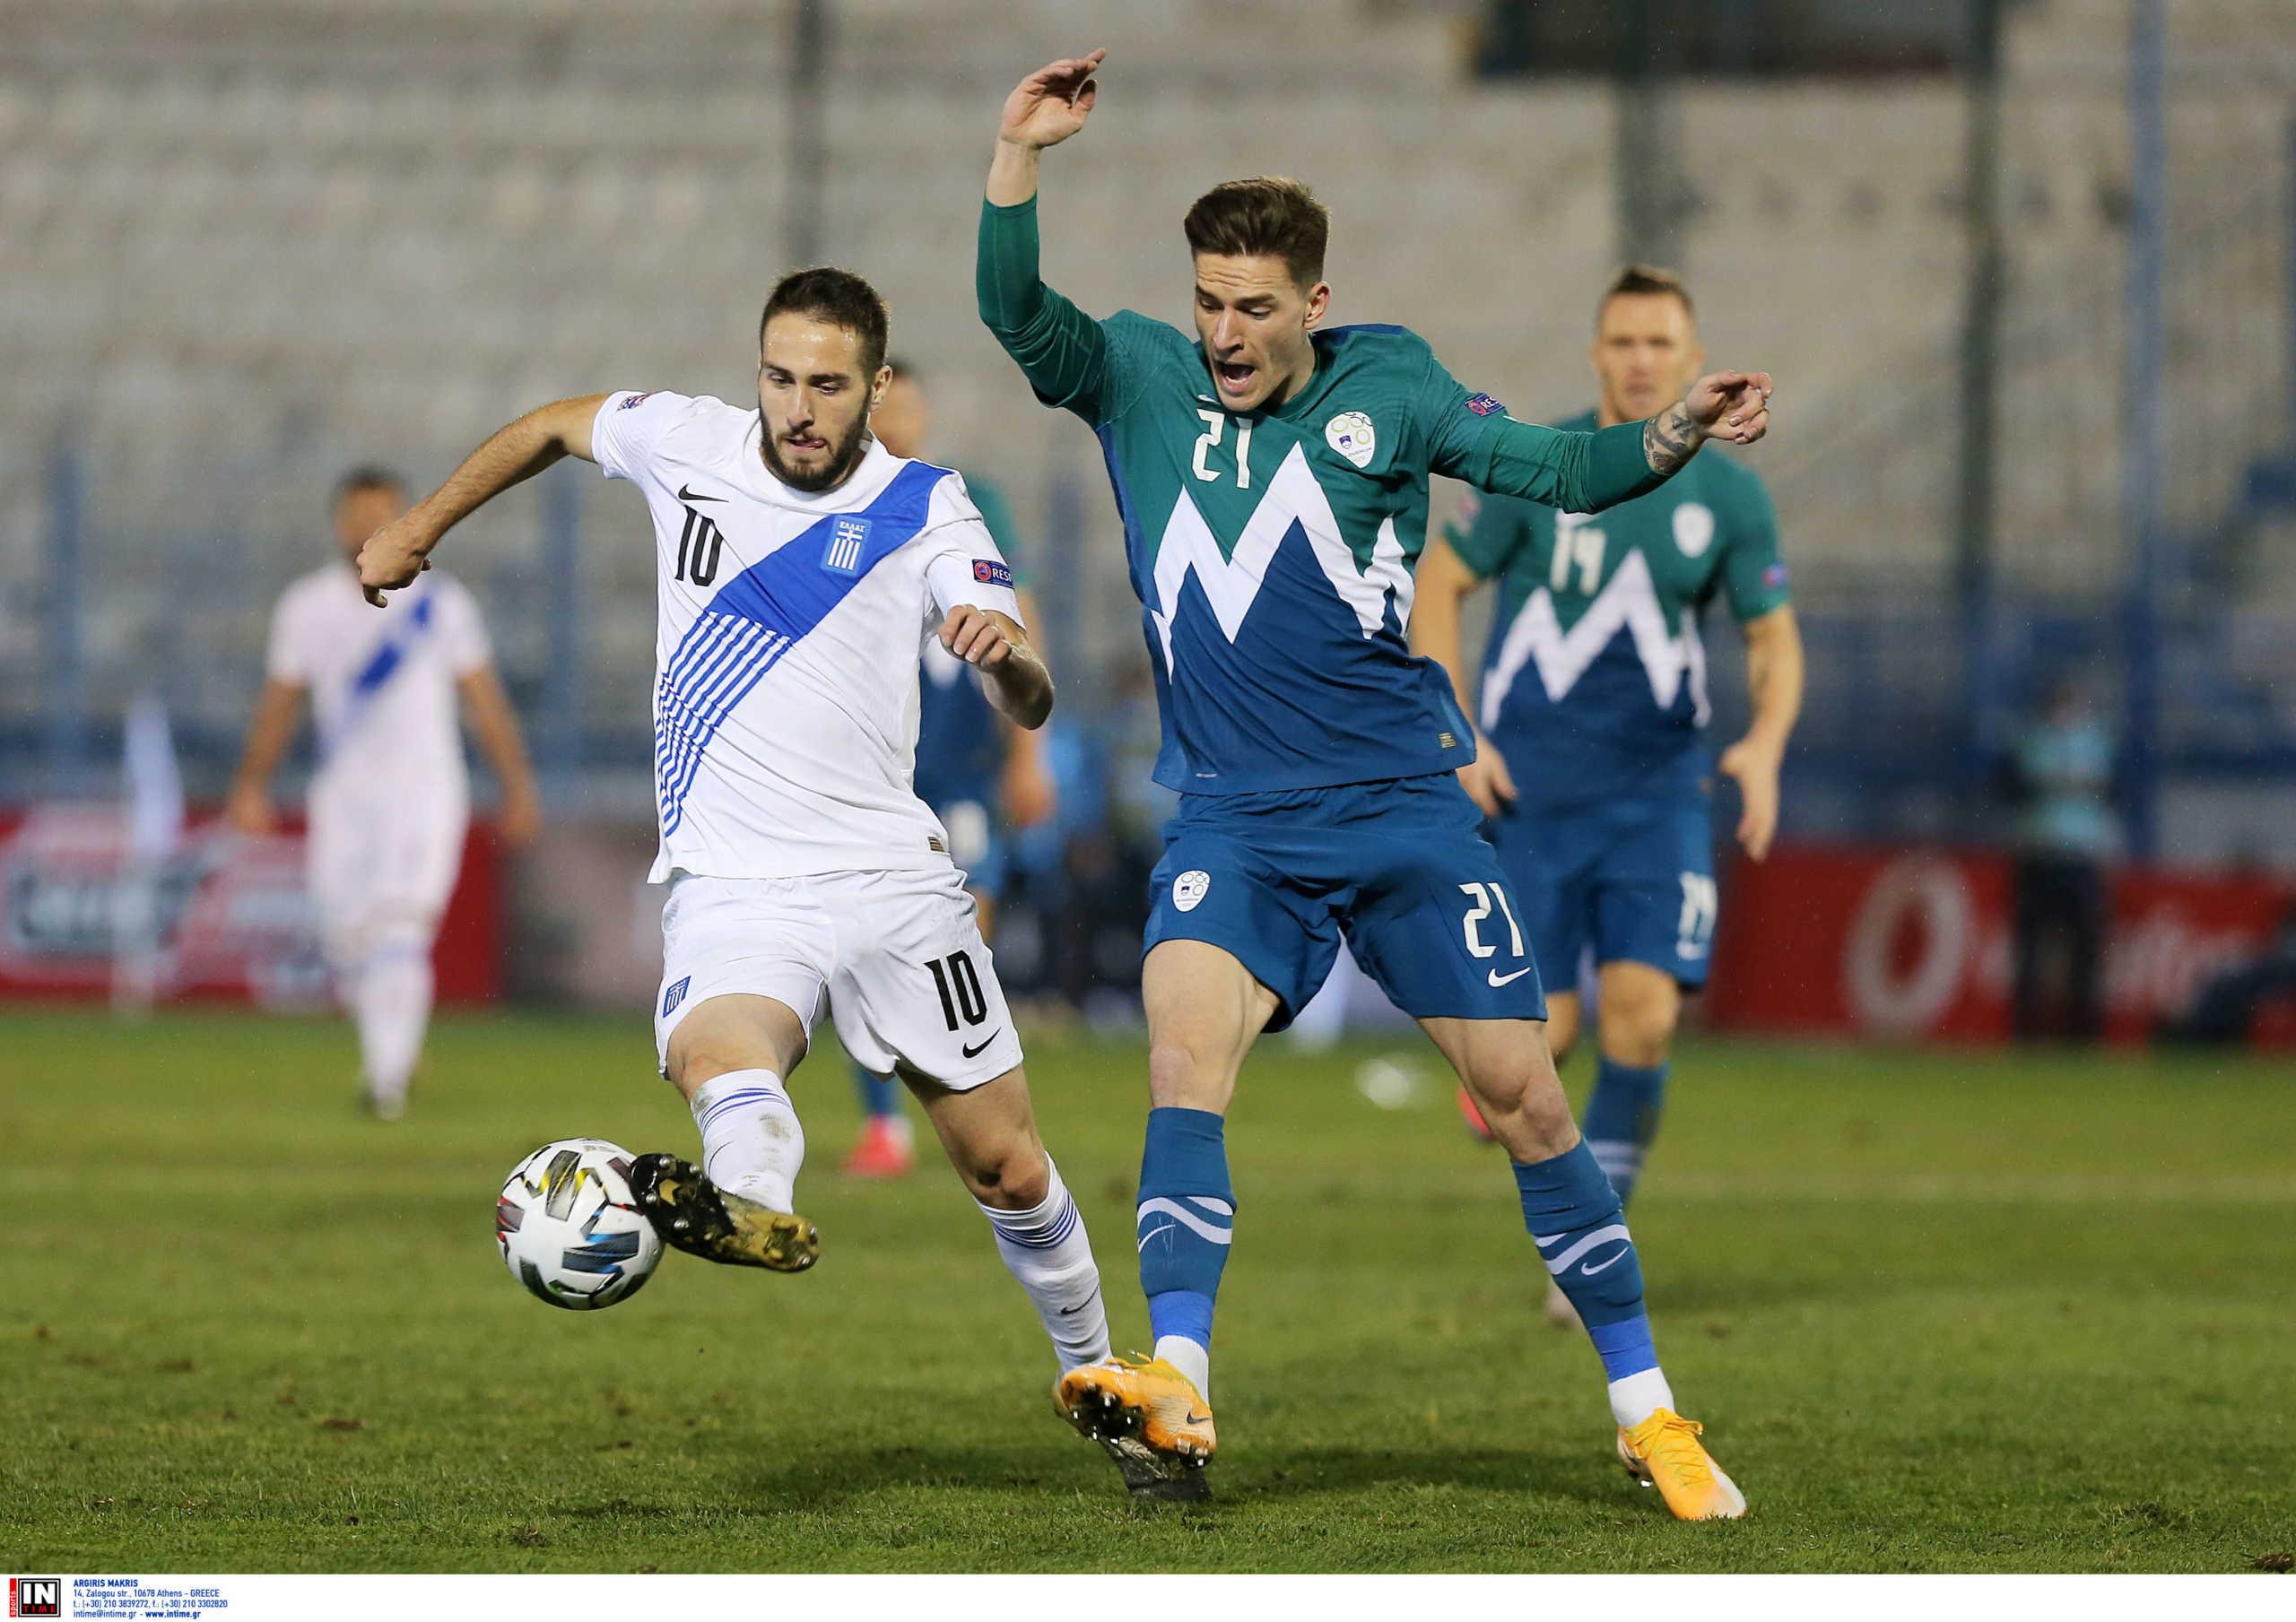 """Ελλάδα – Σλοβενία: Πάλεψε η Εθνική αλλά… """"κόλλησε"""" στο μηδέν και στην League C (video)"""